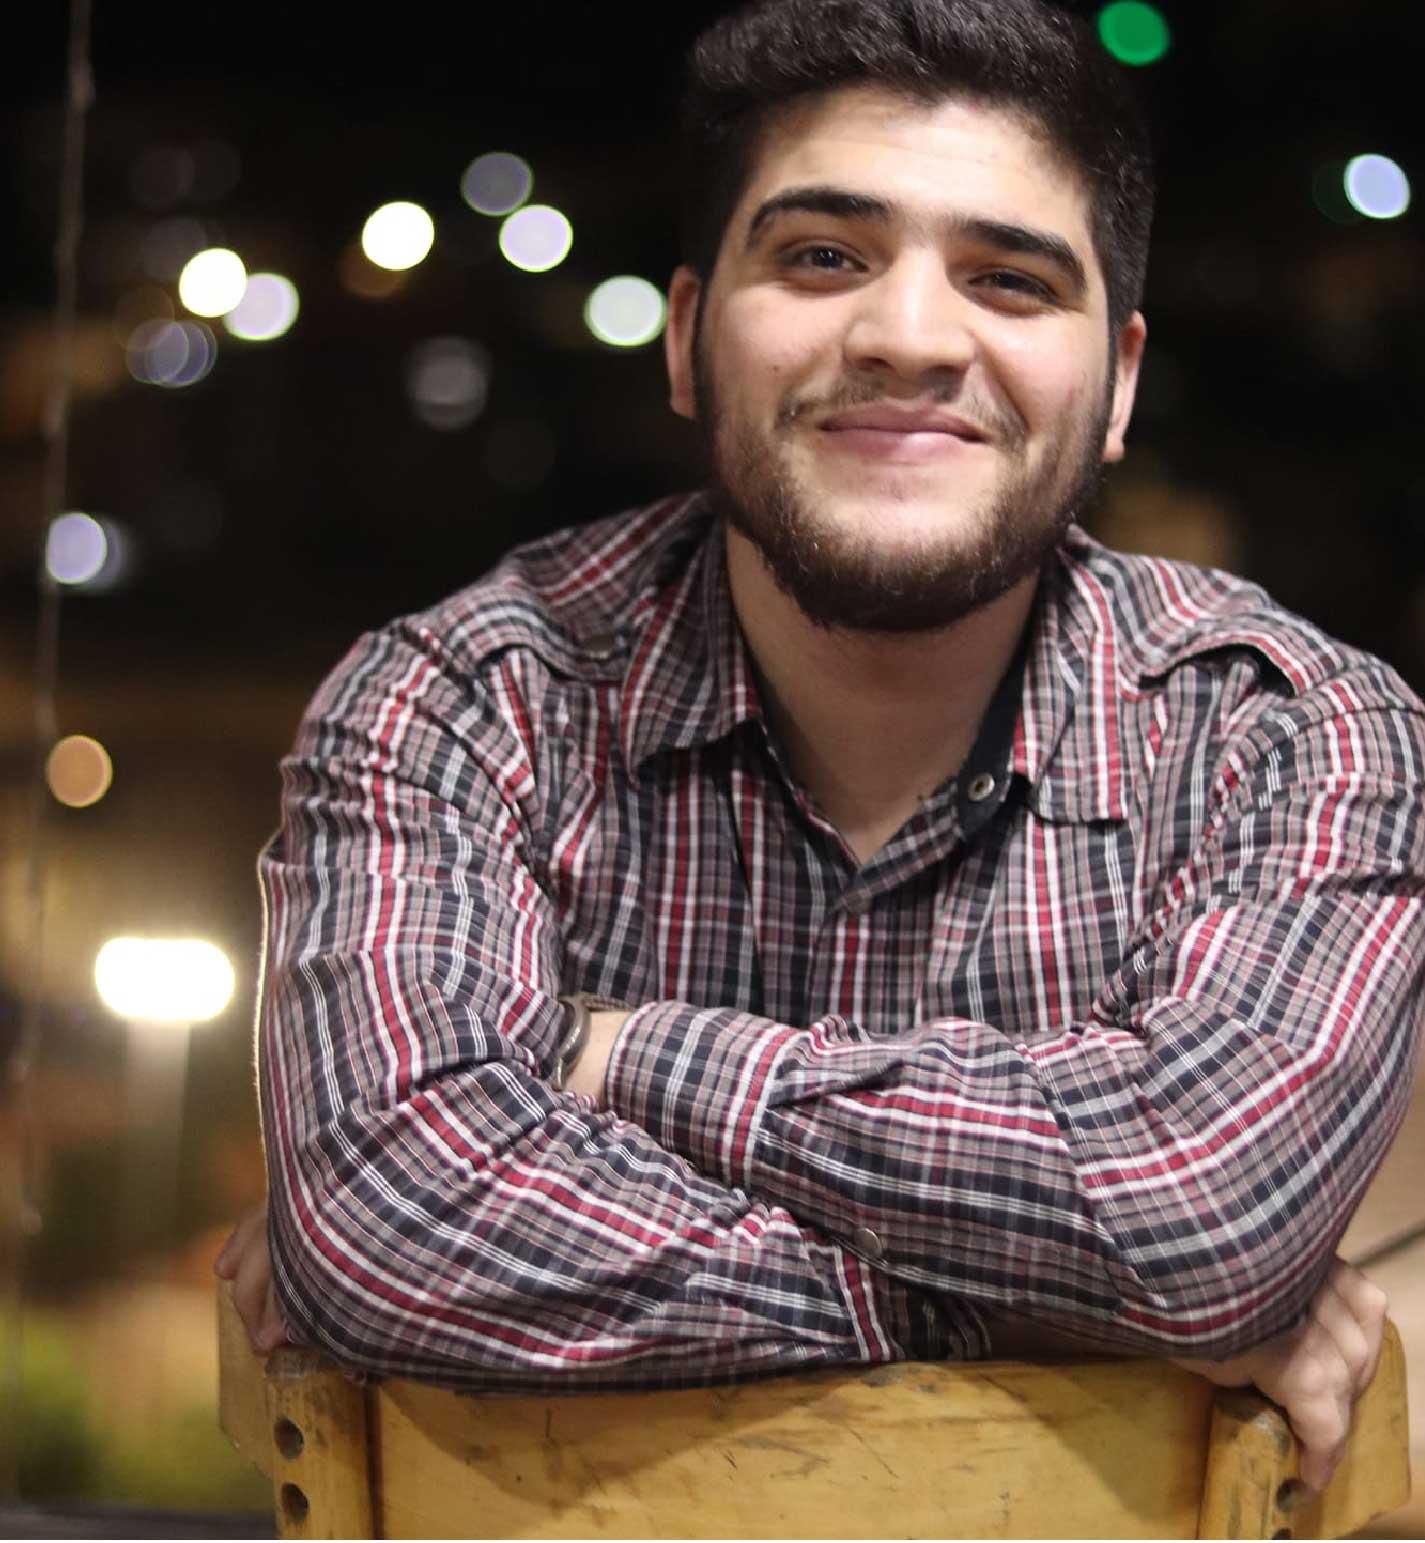 Mohammad Alturk